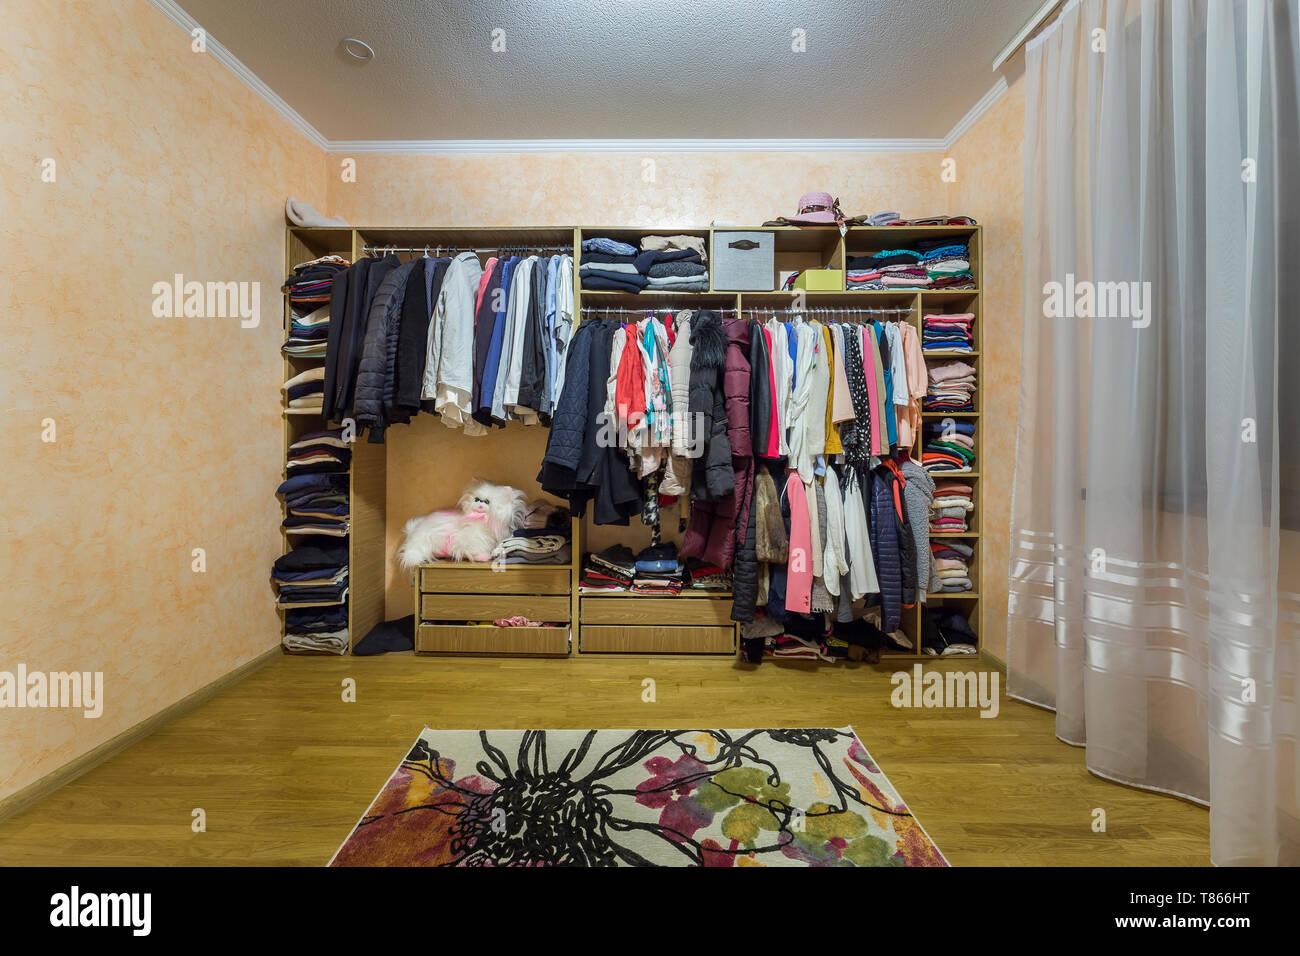 Öffnen dressing Schrank Kleiderschrank voll von ...